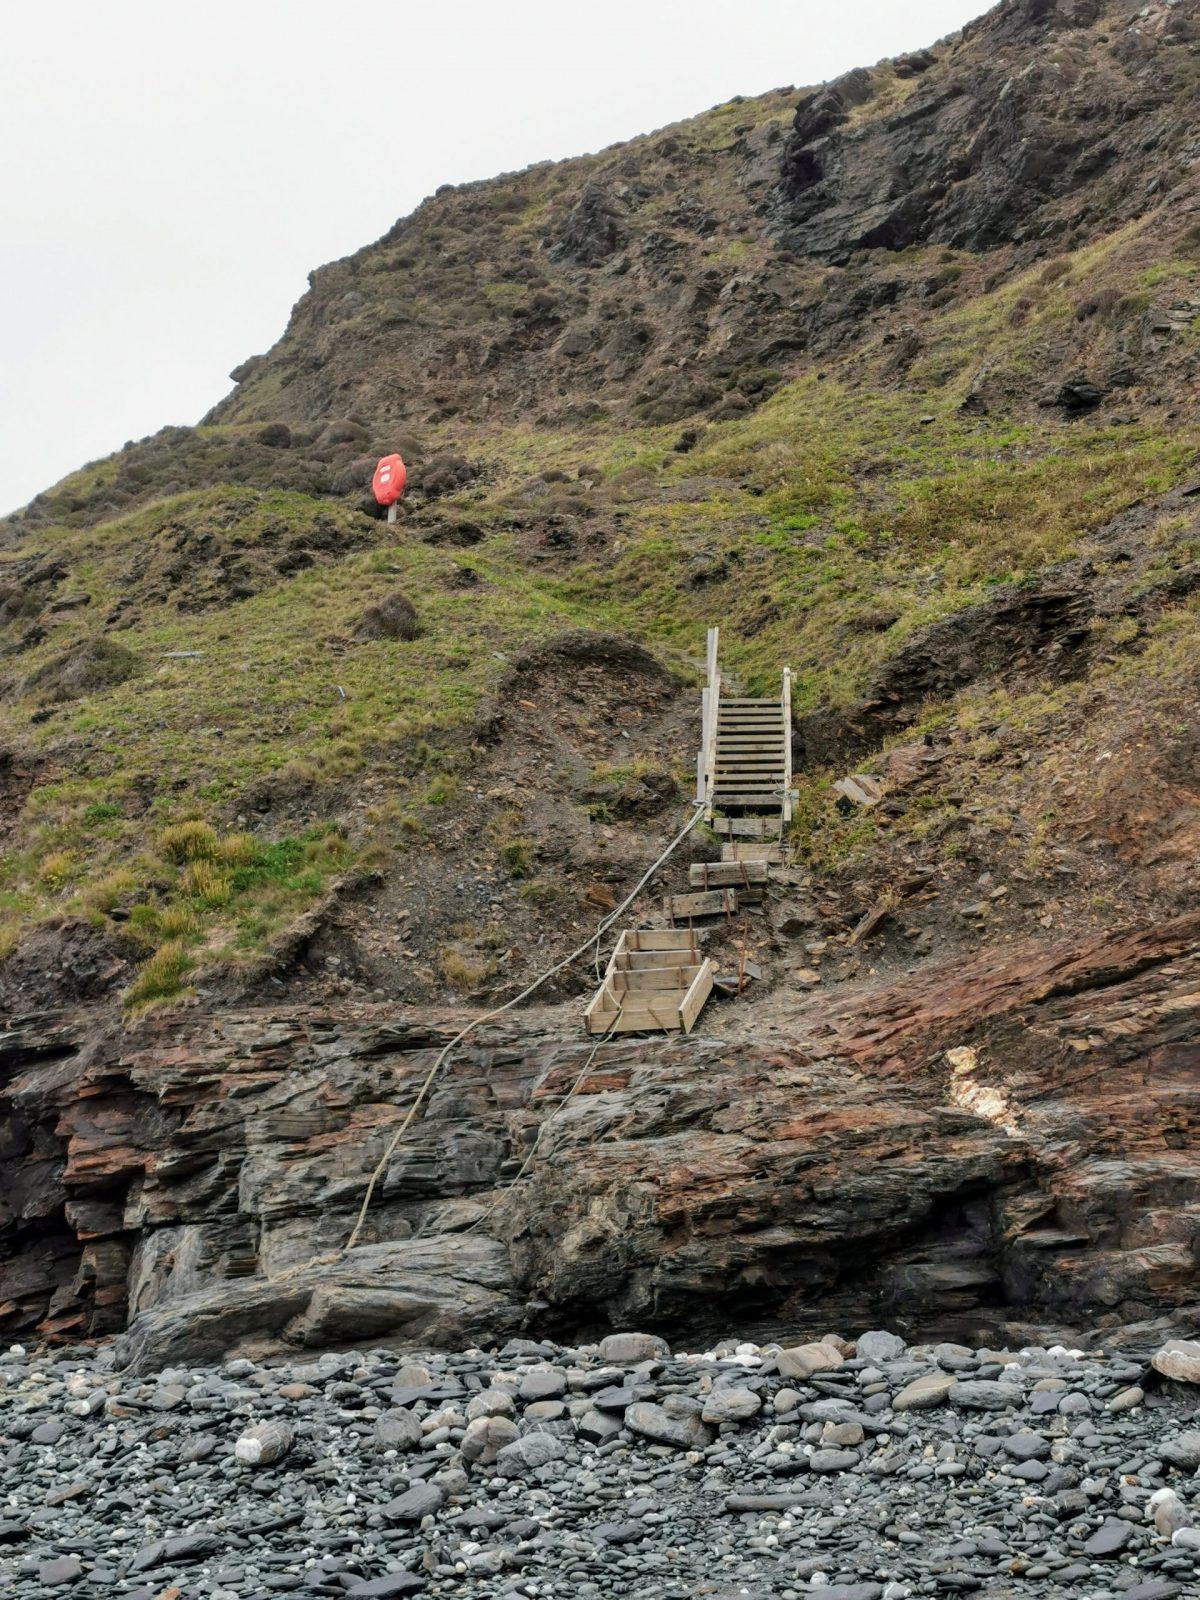 The Strangles Beach & Trail: A Hidden & Quiet Beach in Cornwall 21